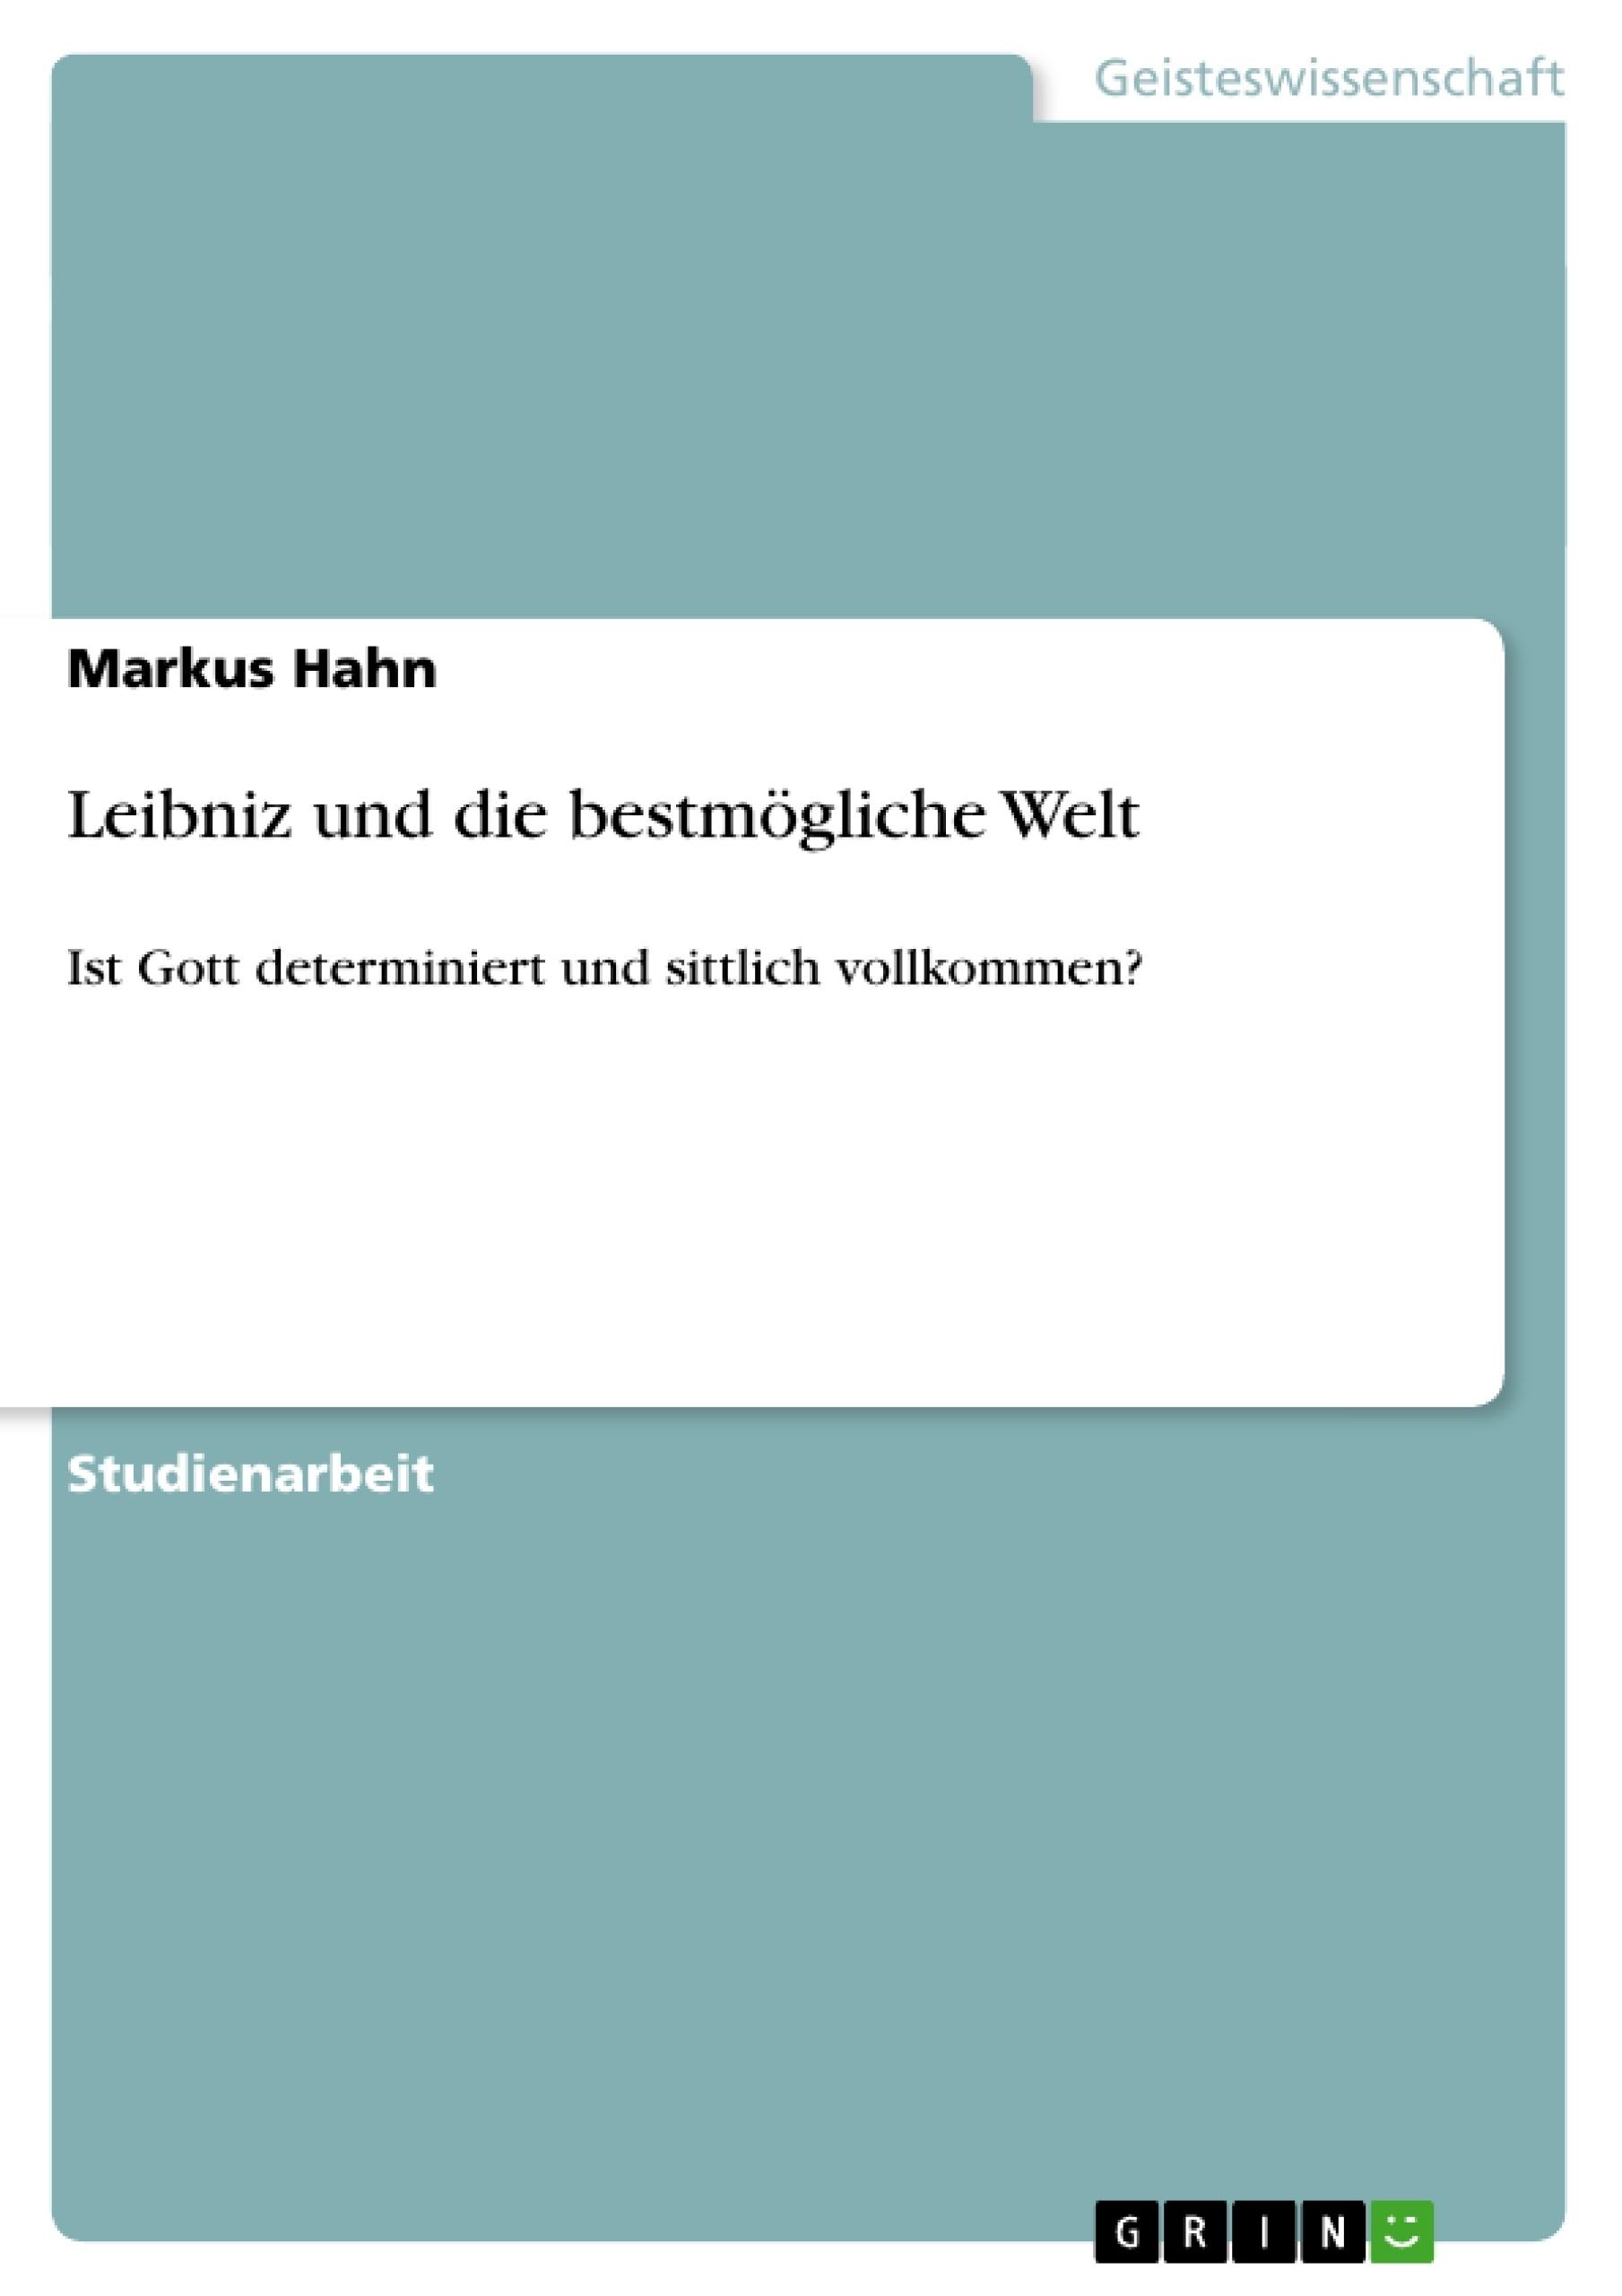 Titel: Leibniz und die bestmögliche Welt